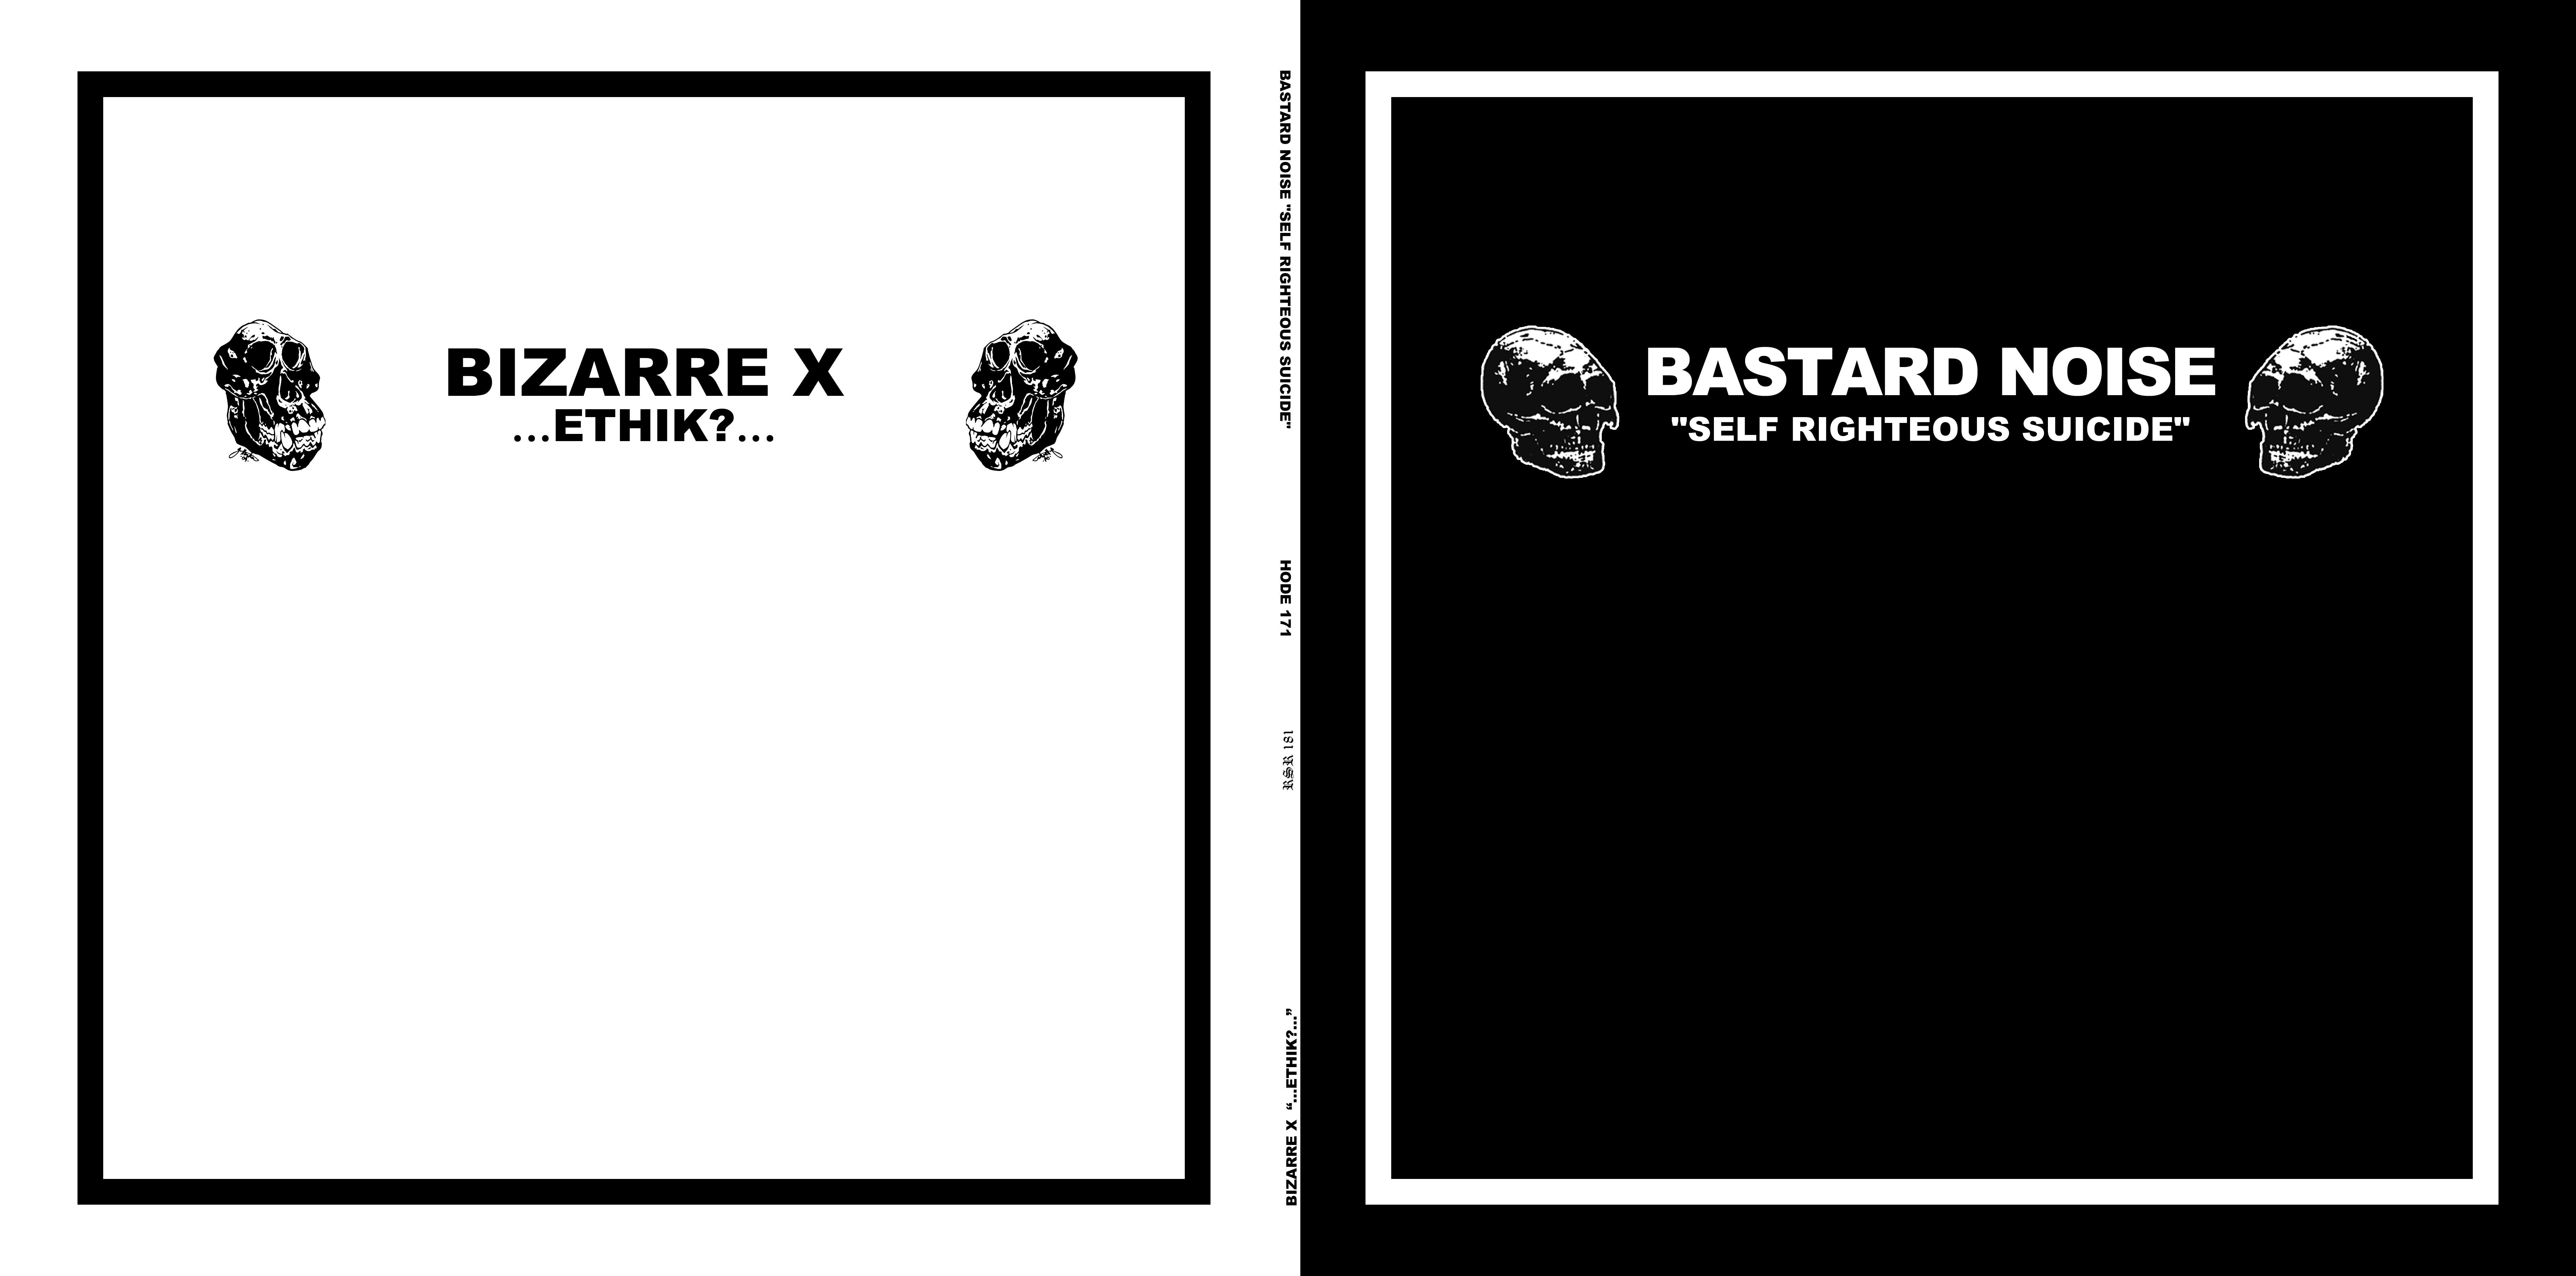 BASTARD NOISE / BIZARRE X - split 12